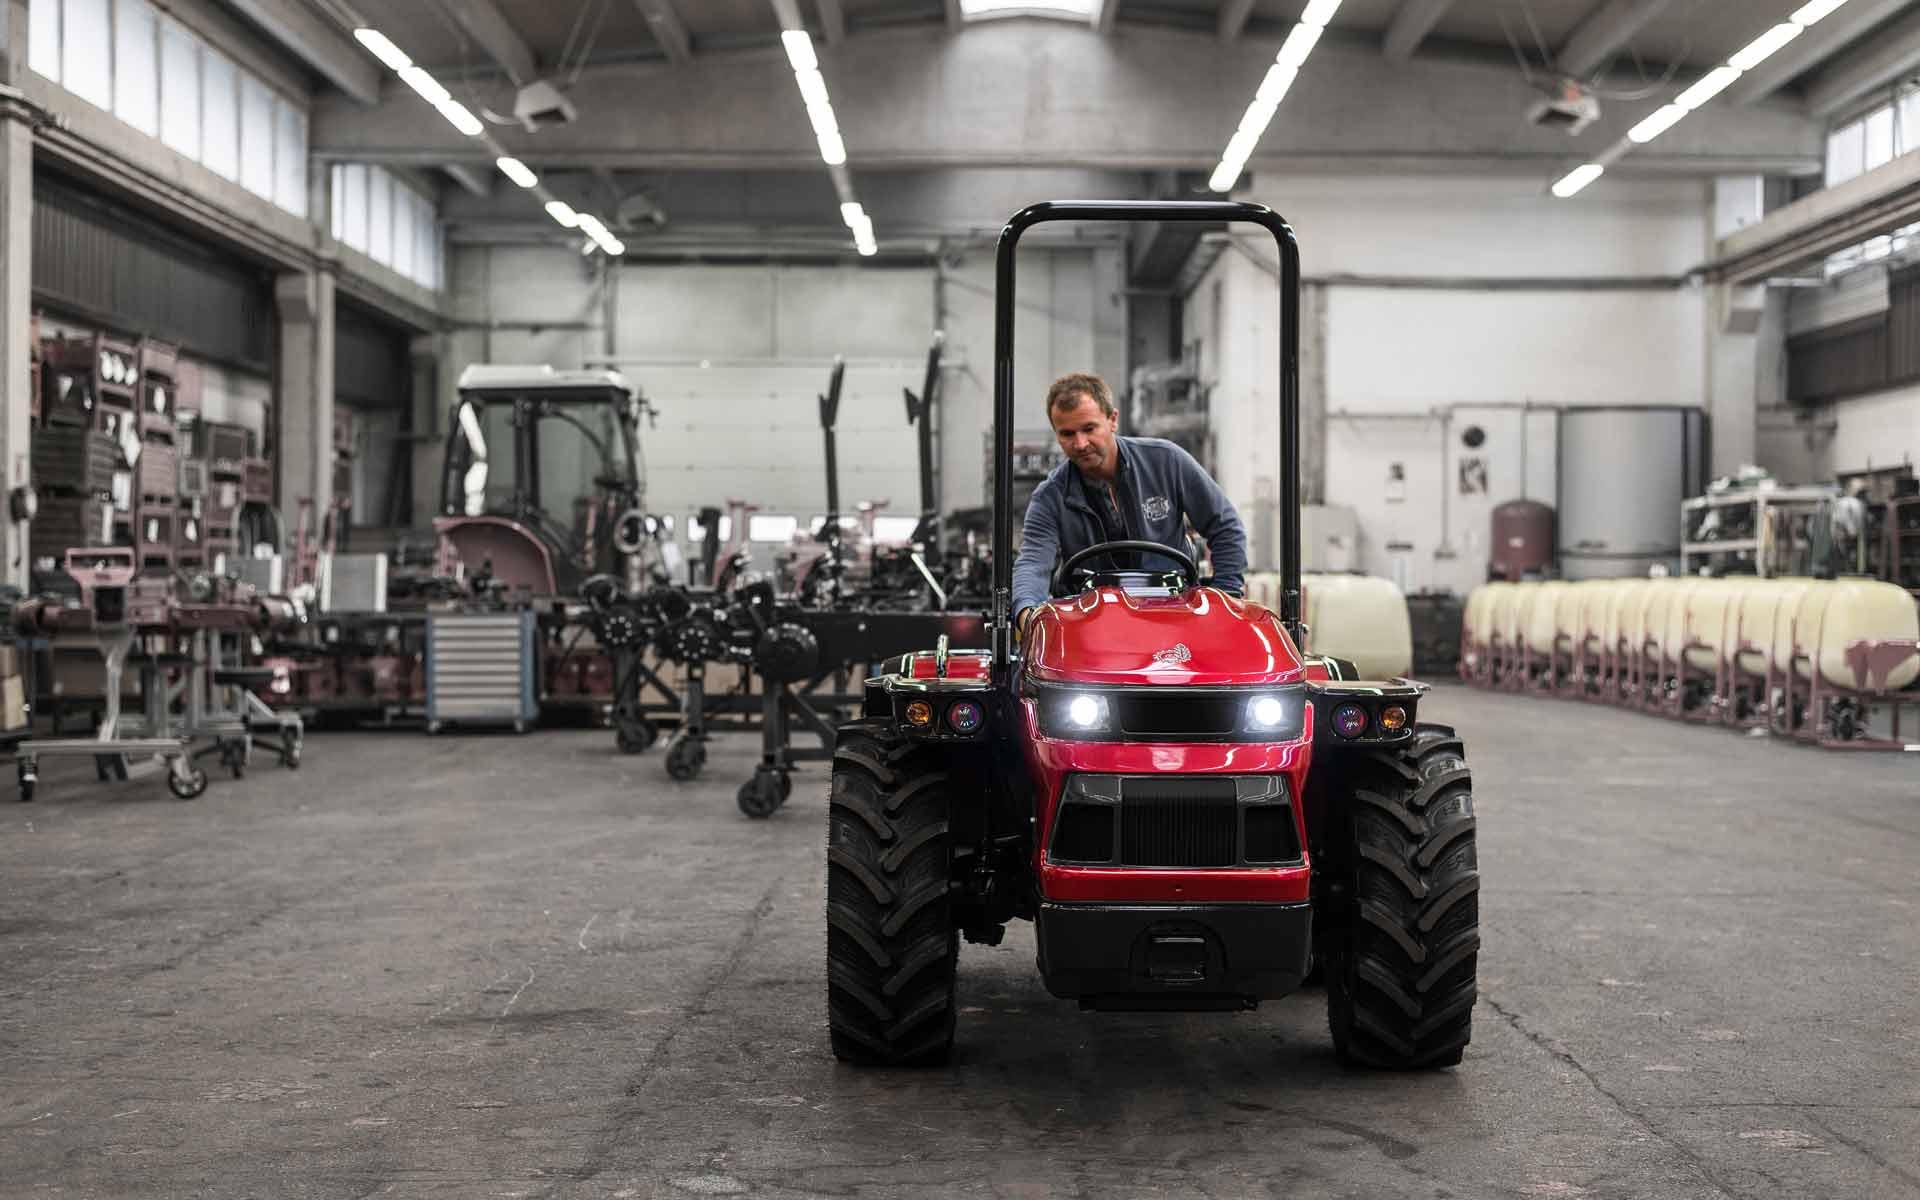 """[SK] Mladí slovenskí dizajnéri navrhli """"sexi"""" traktor. Záujem o nový model výrazne stúpol"""